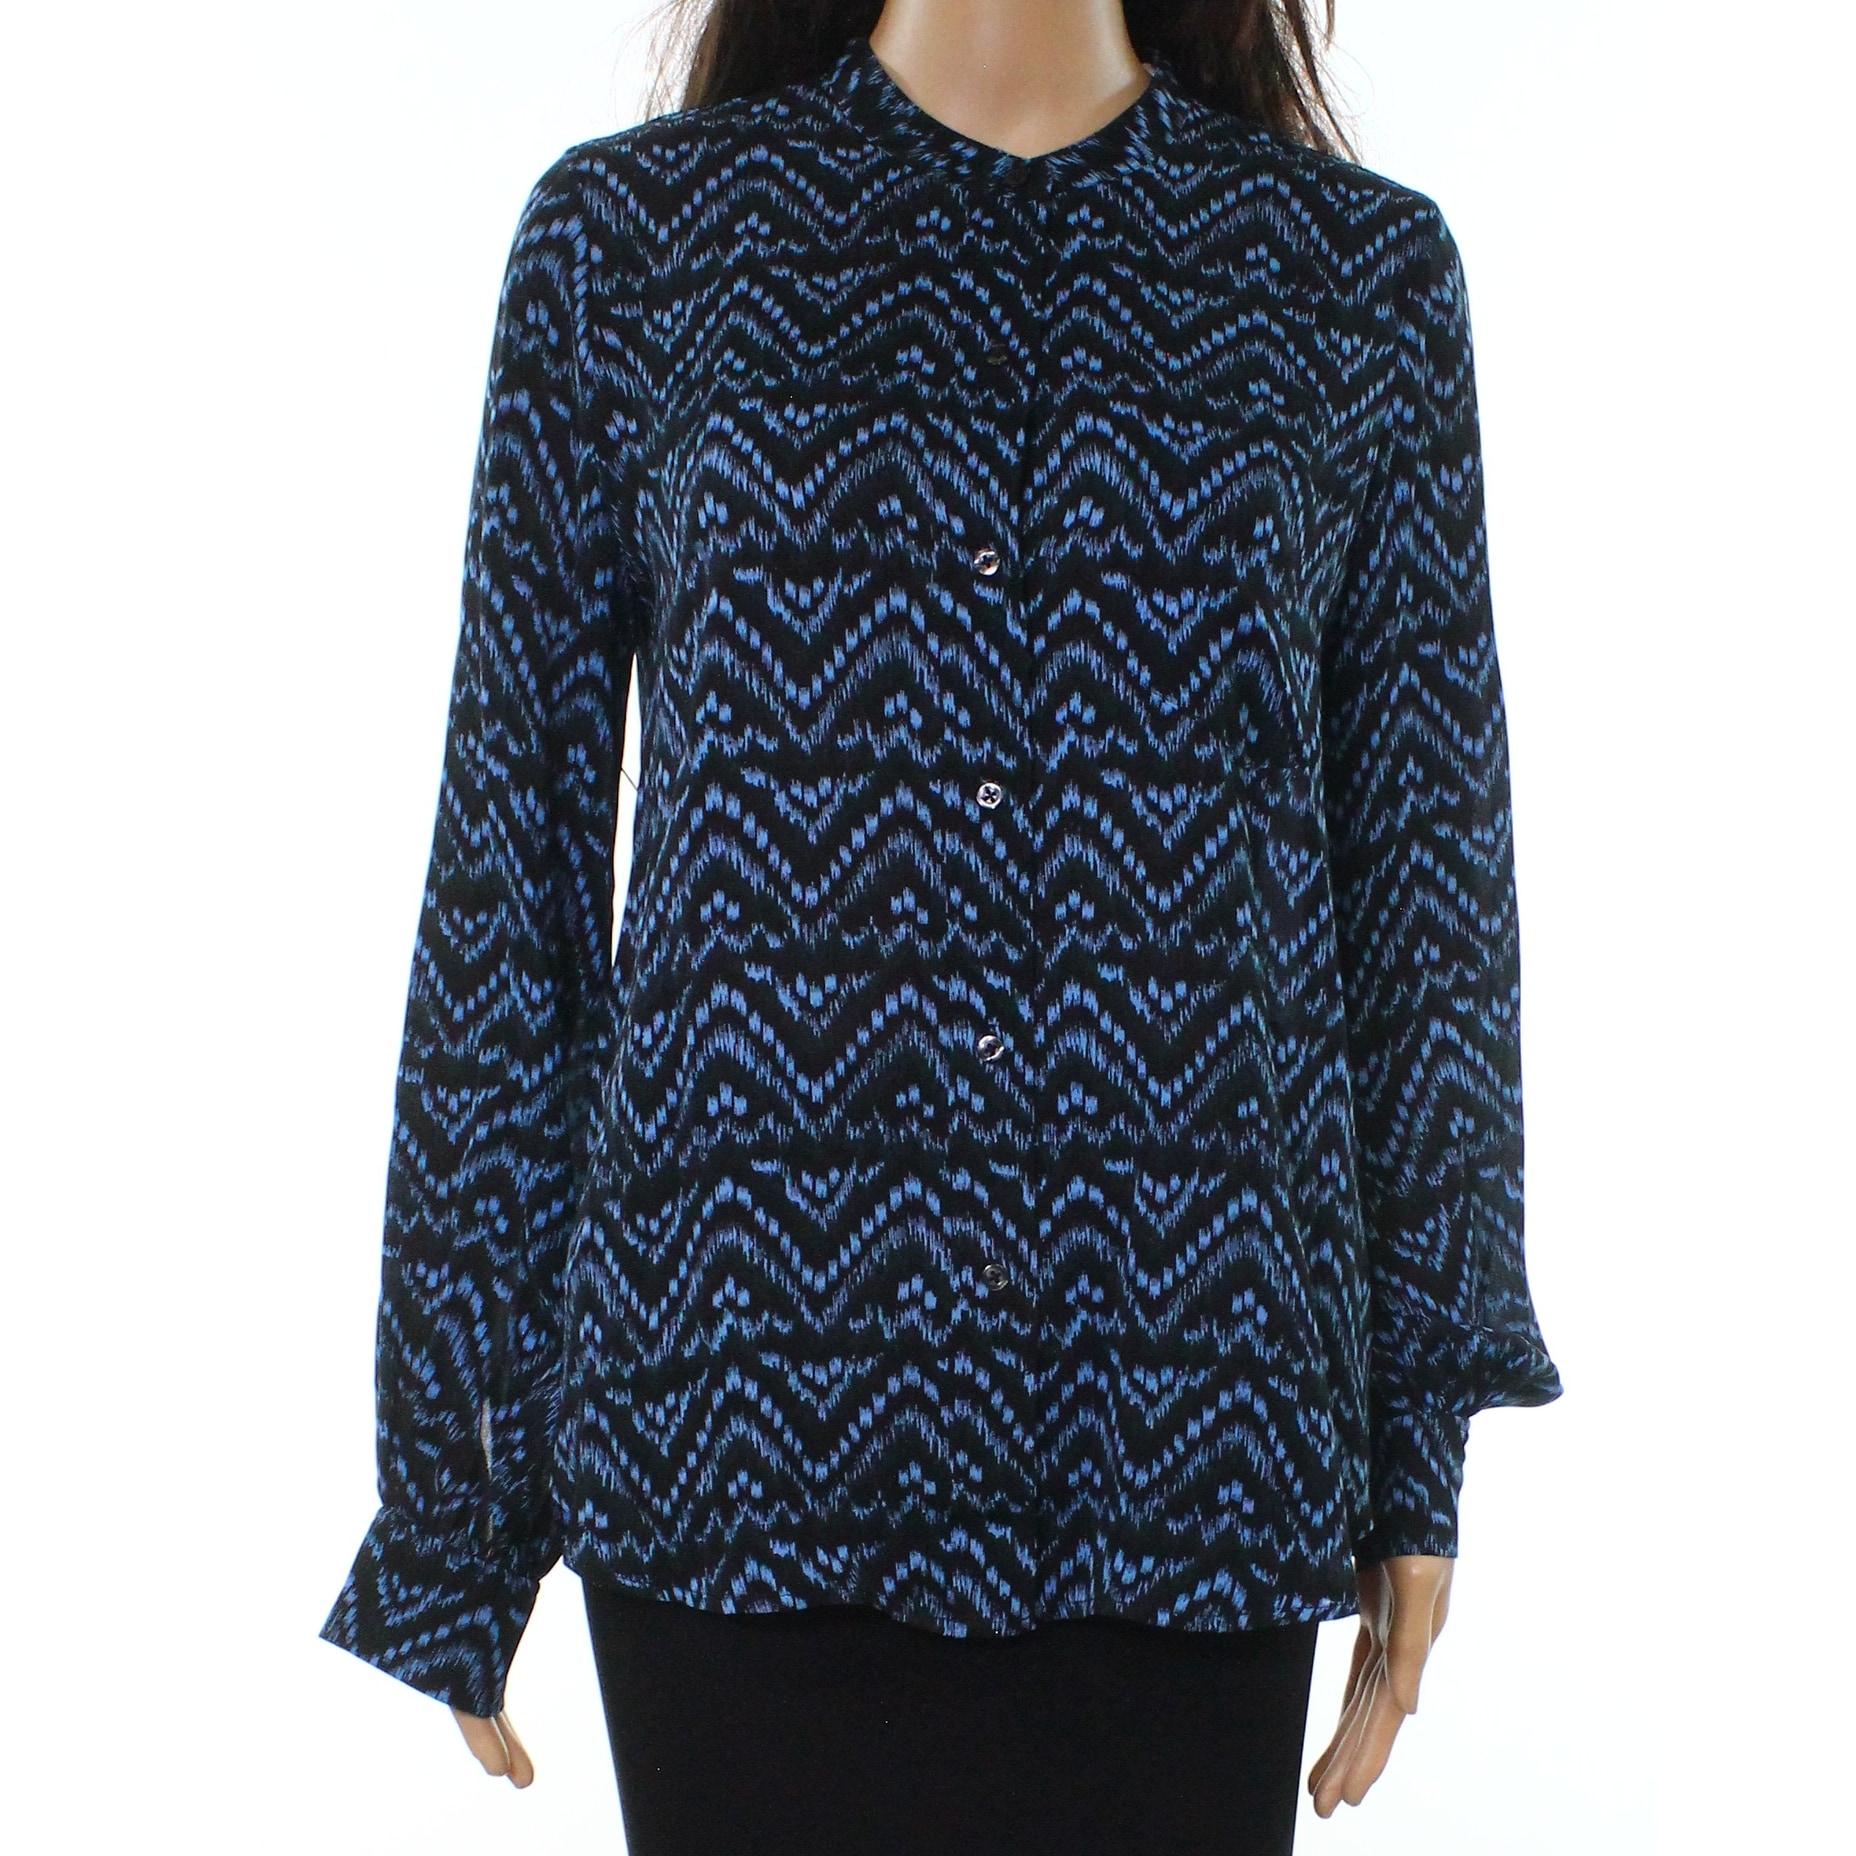 de7380b4ffca3b Womens patterned silk shirts jpg 1856x1856 Patterned silk shirt